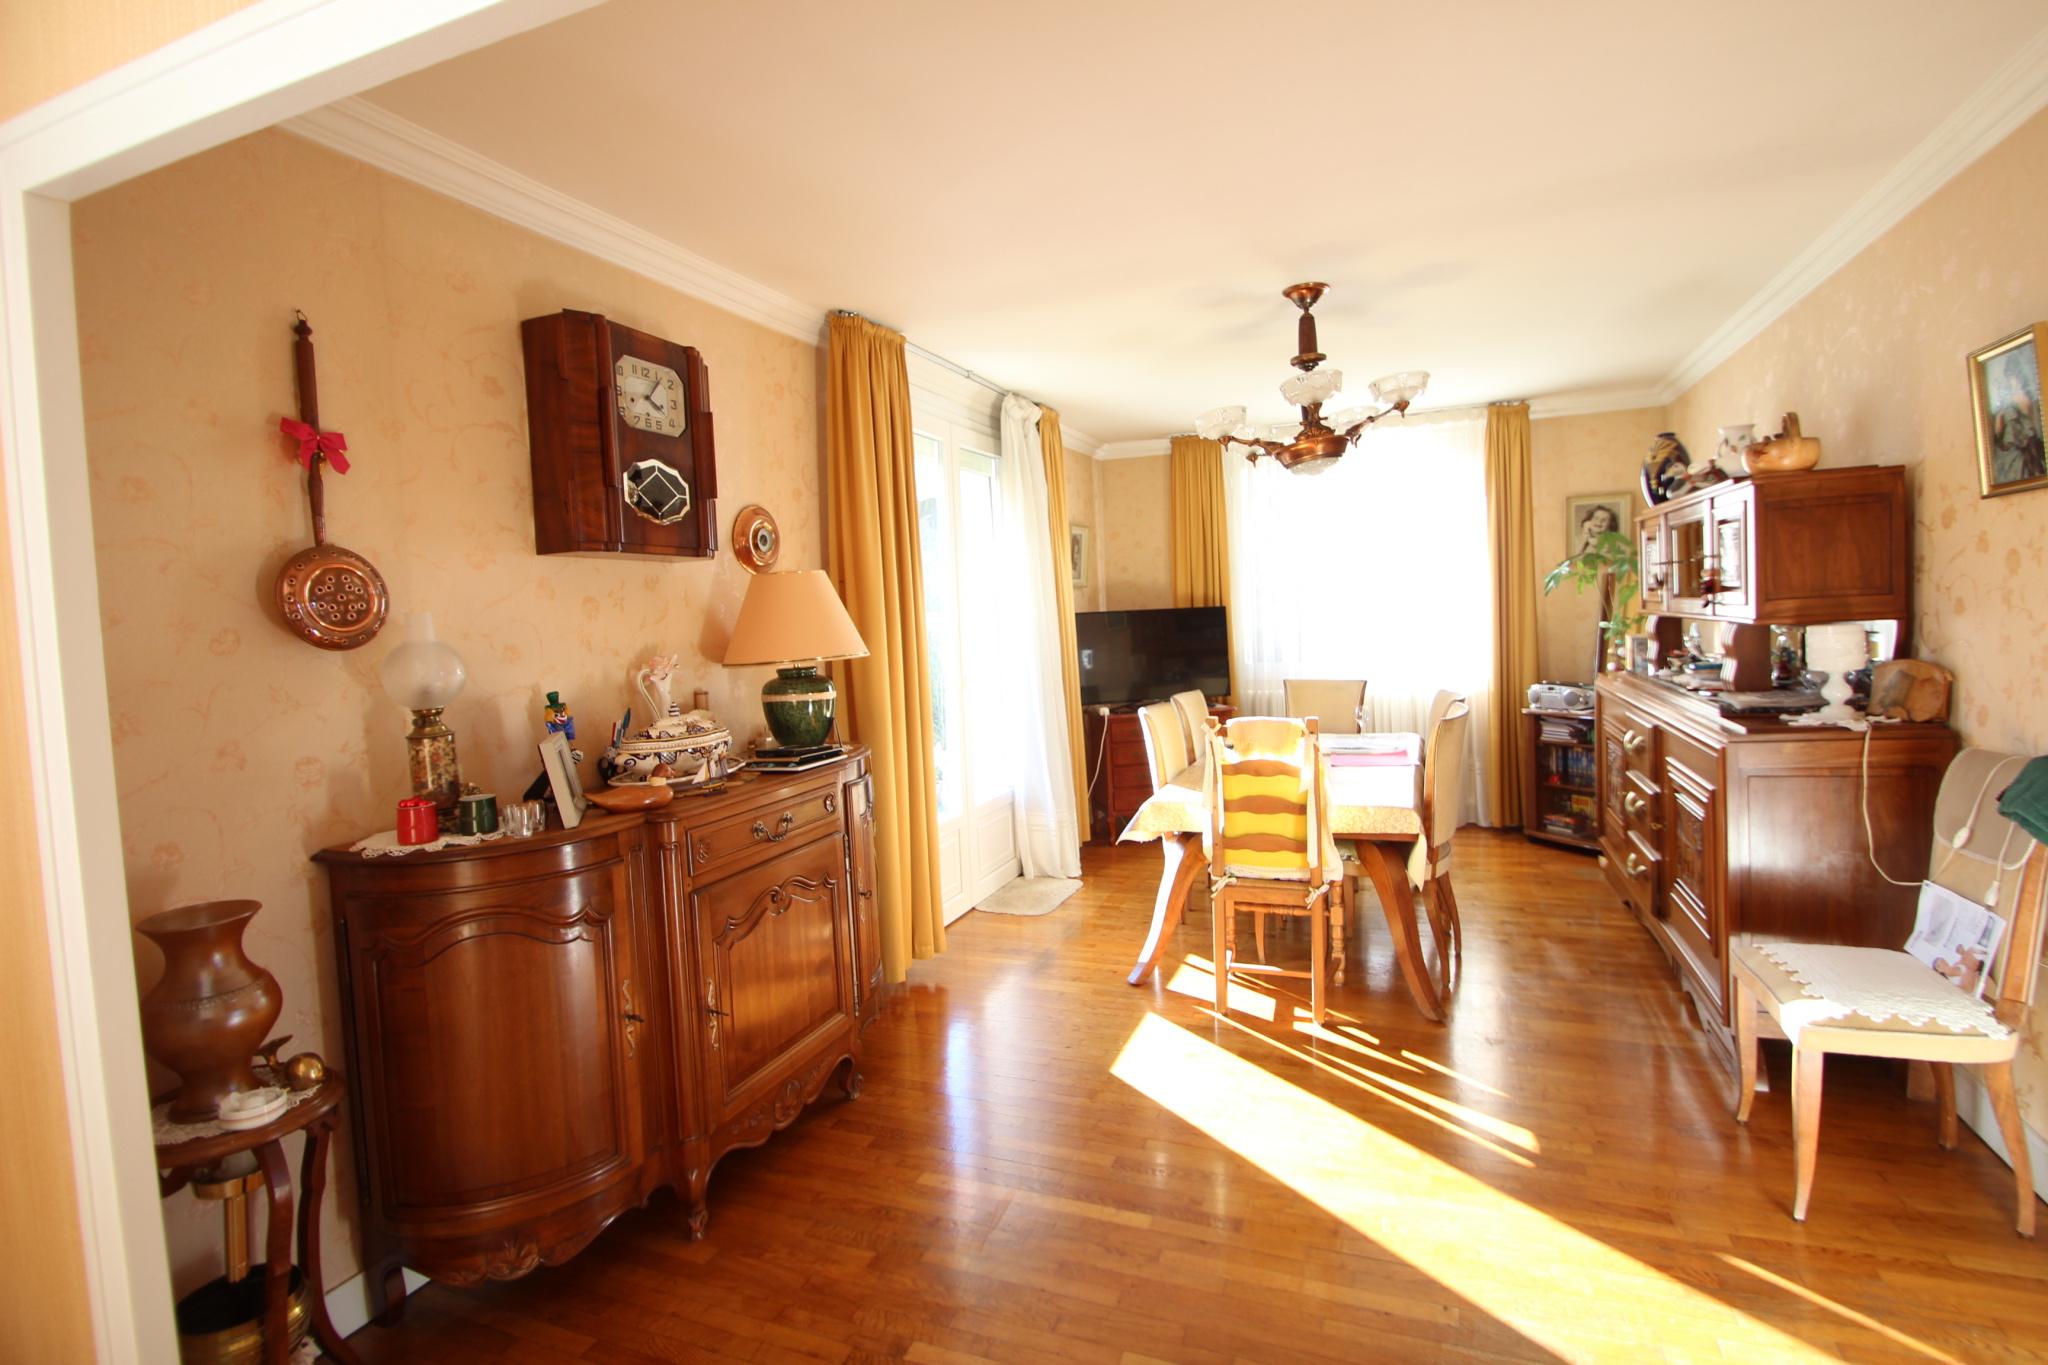 Vente maison/villa talant 100M